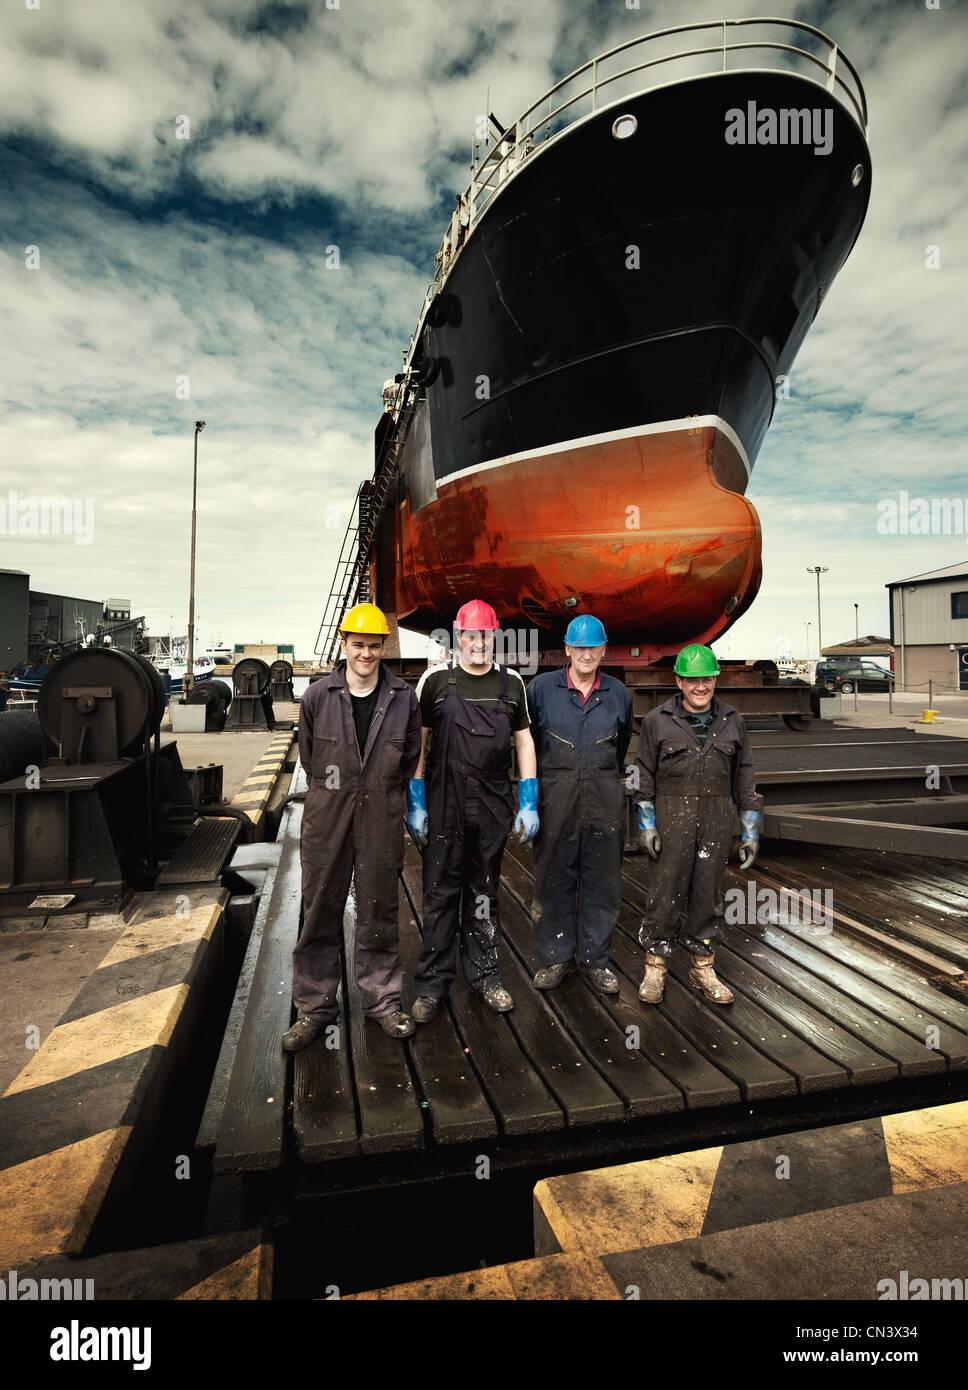 Hafenarbeiter in farbige Schutzhelme in einer Linie Stockbild